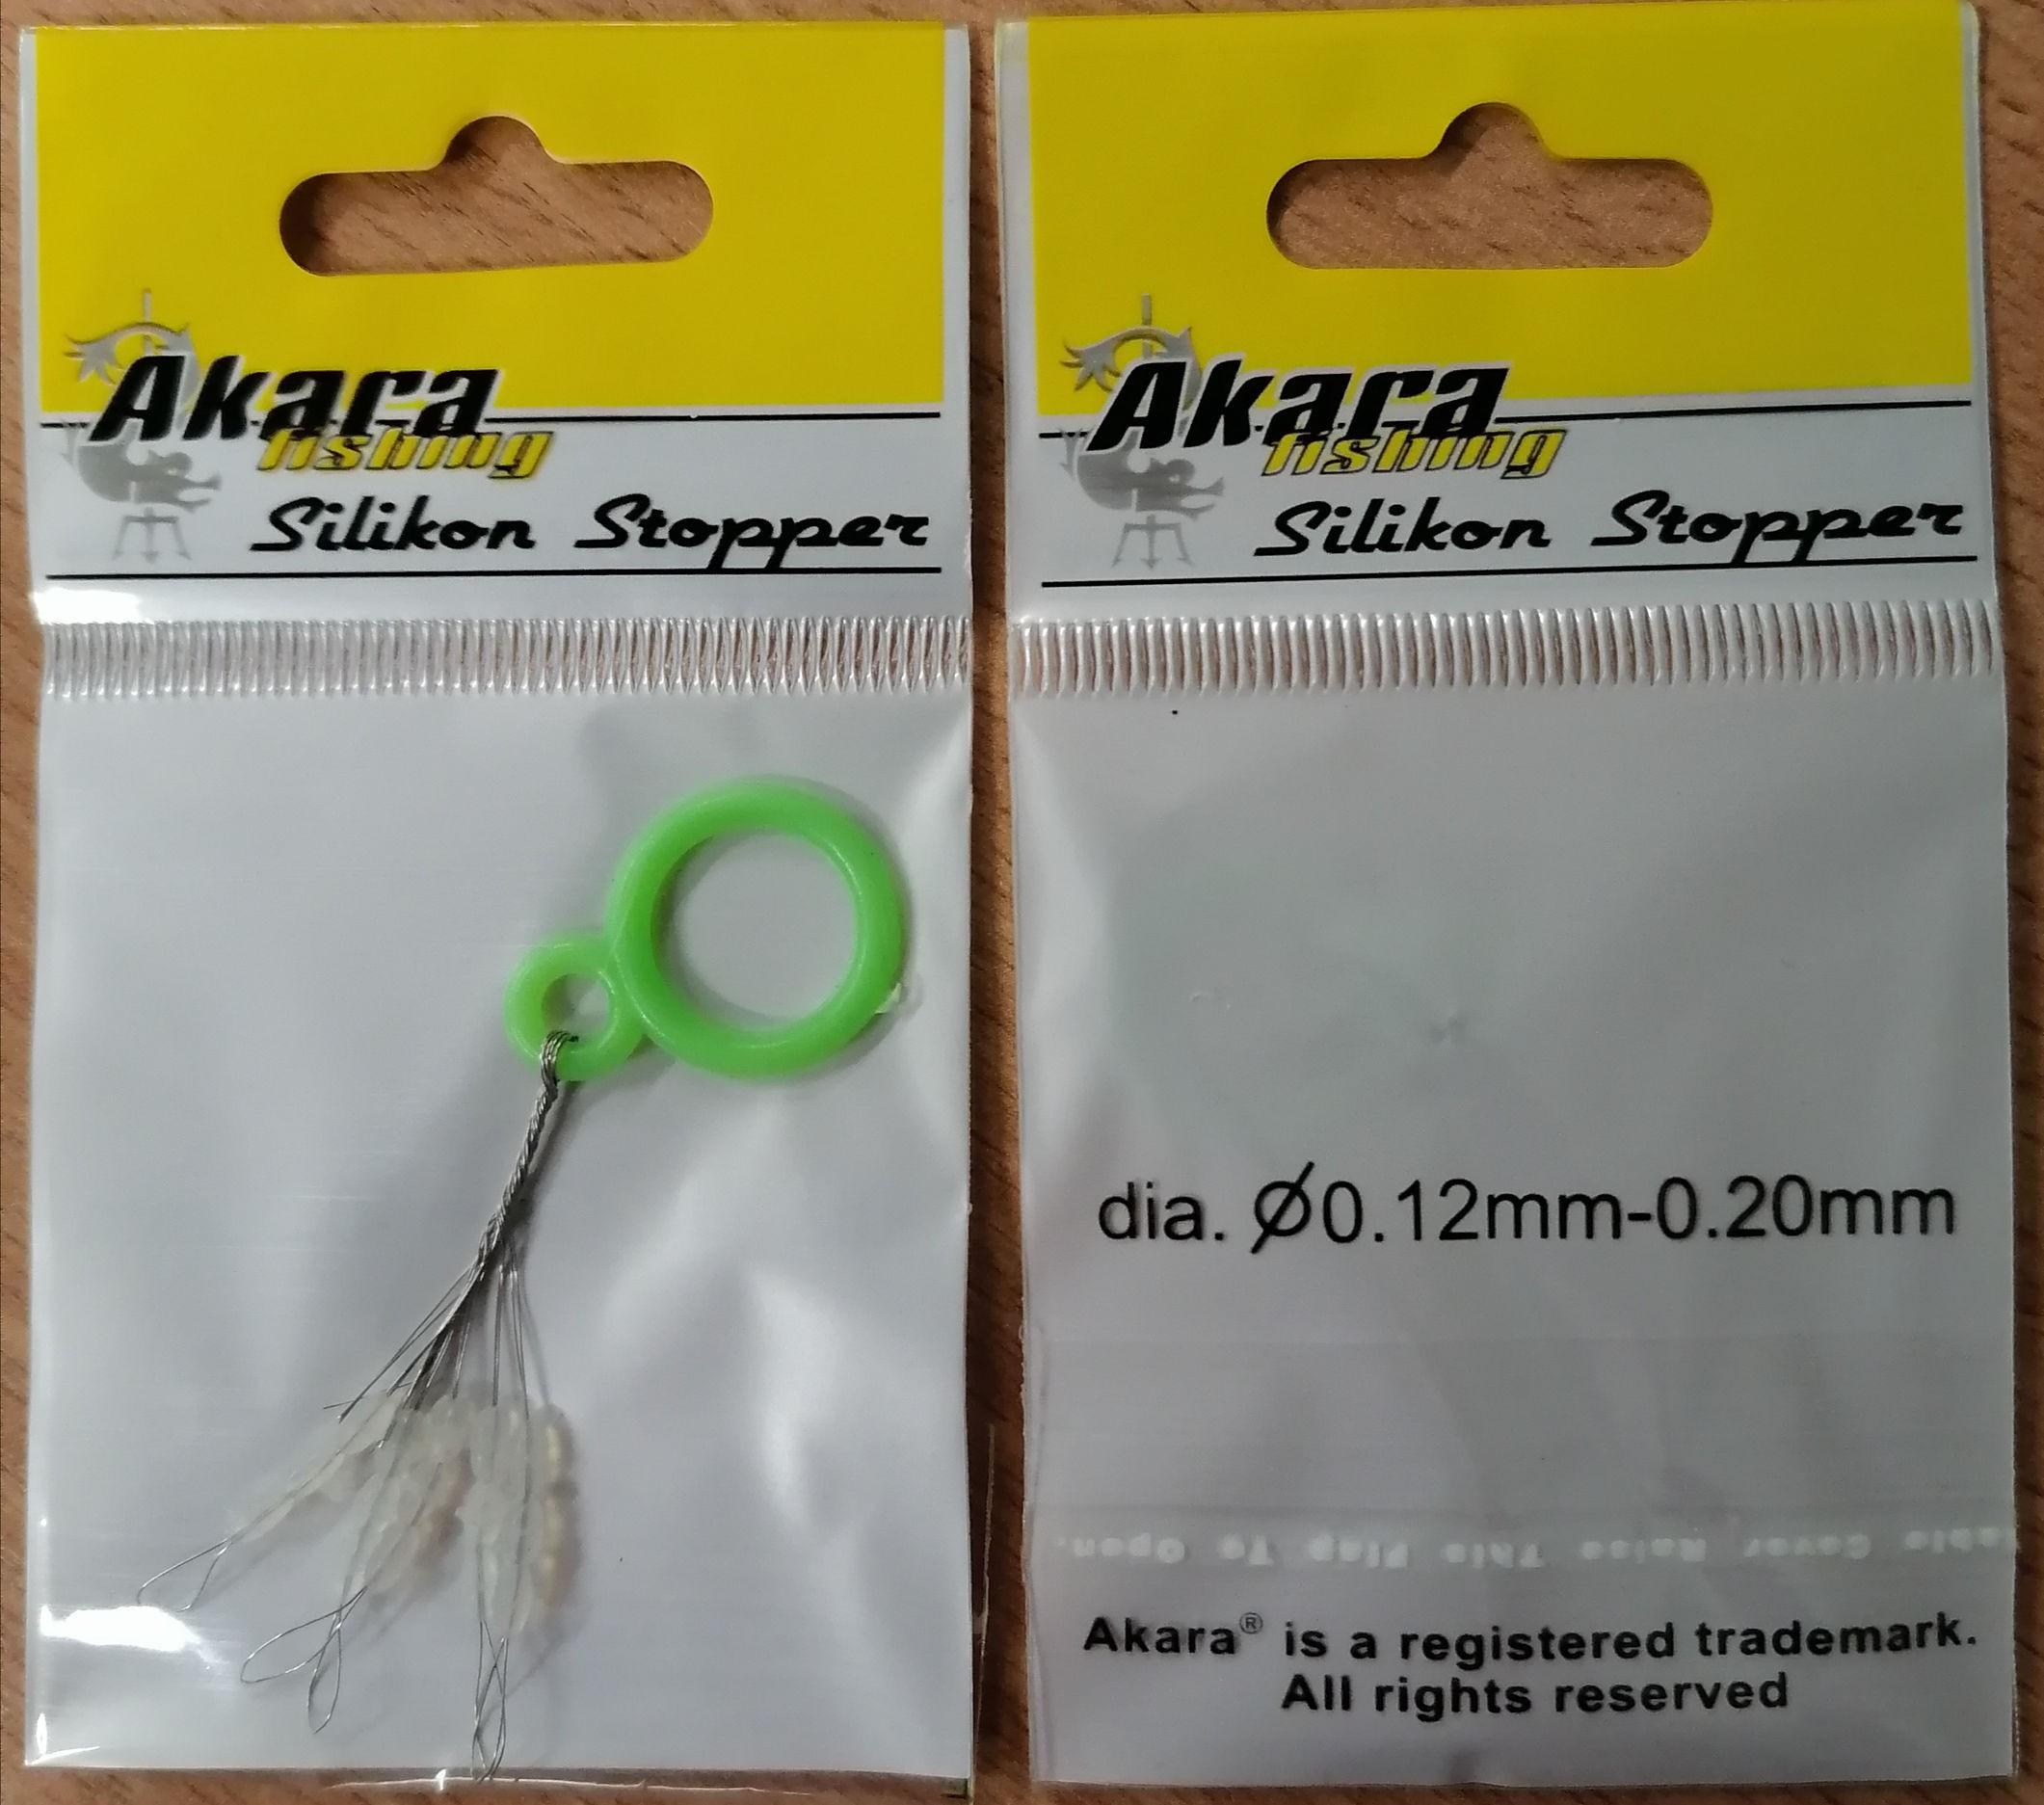 AKARA Silikon Stopper 012020